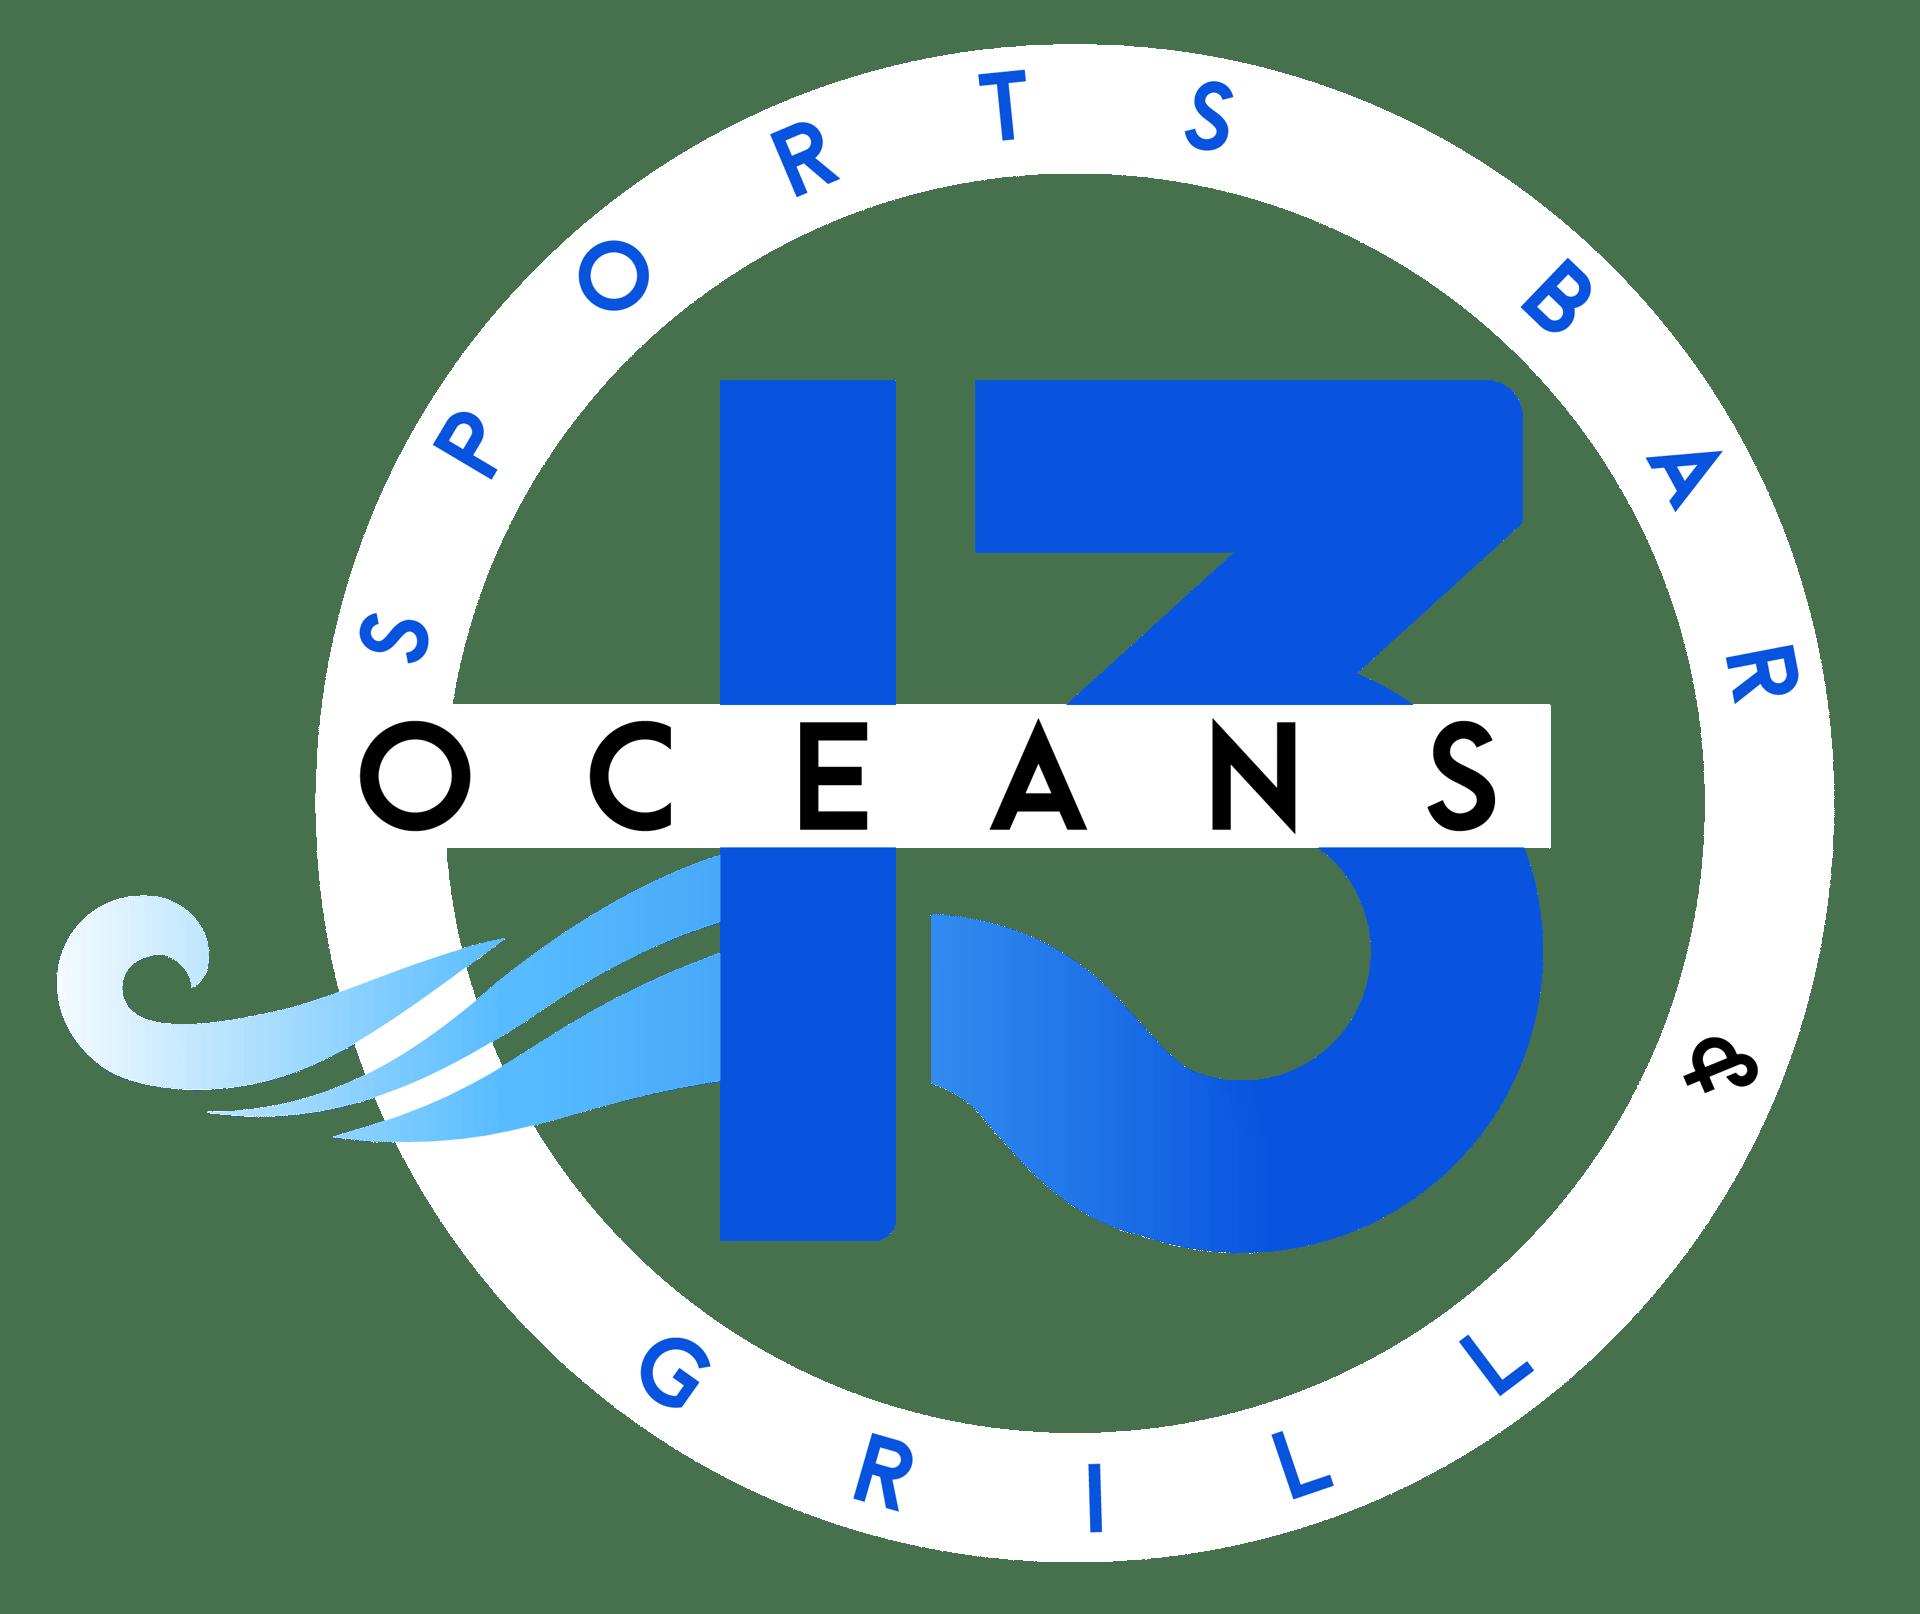 Oceans 13 logo